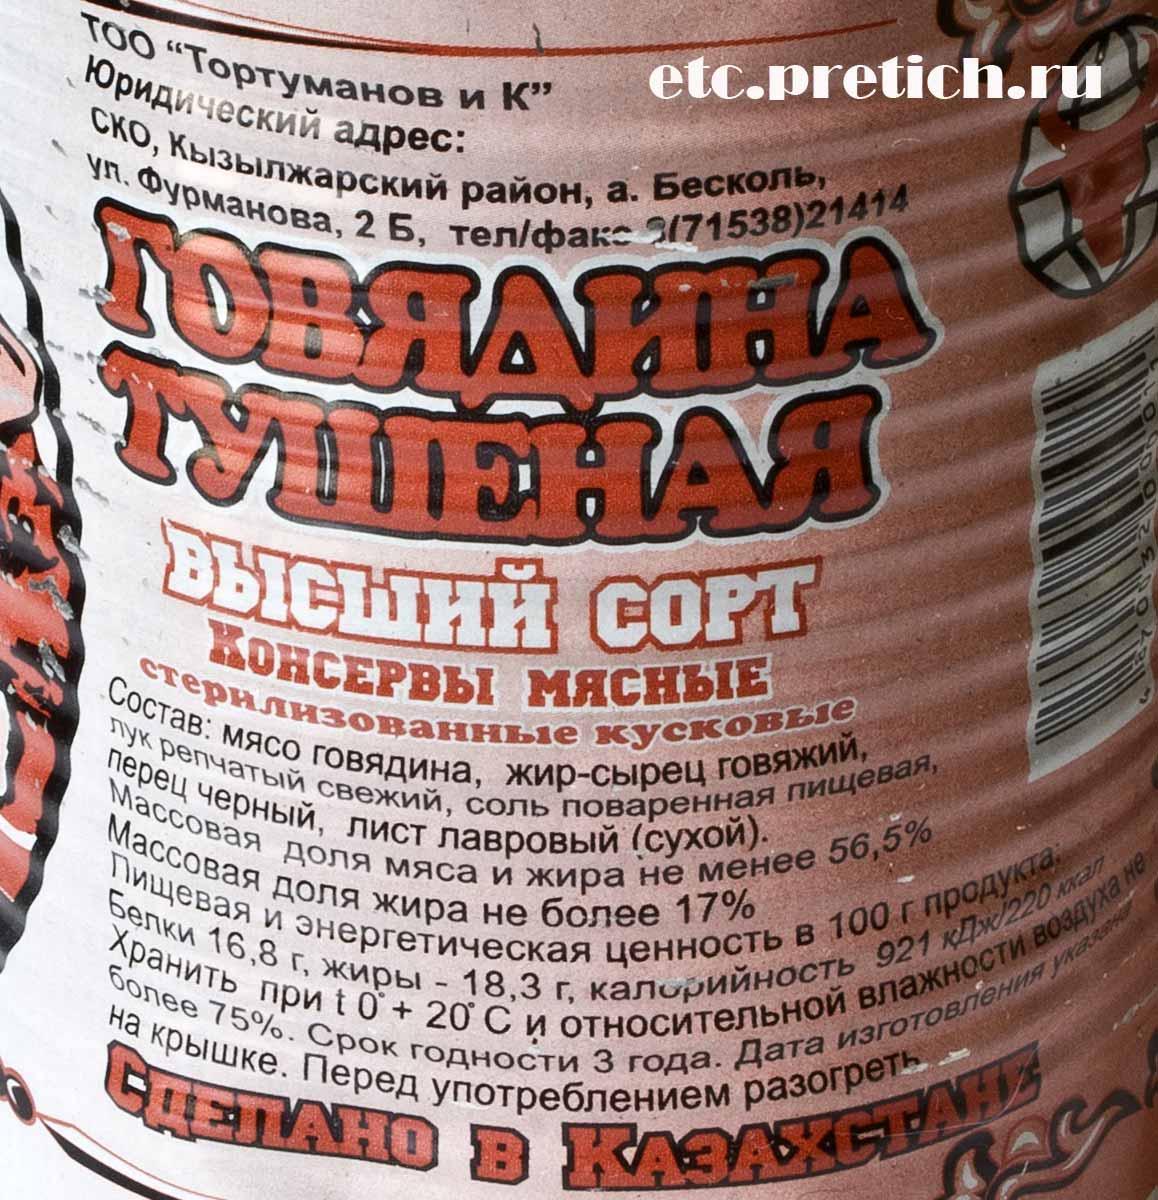 Говядина тушеная сделано в РК Тортуманов и К состав и хранение